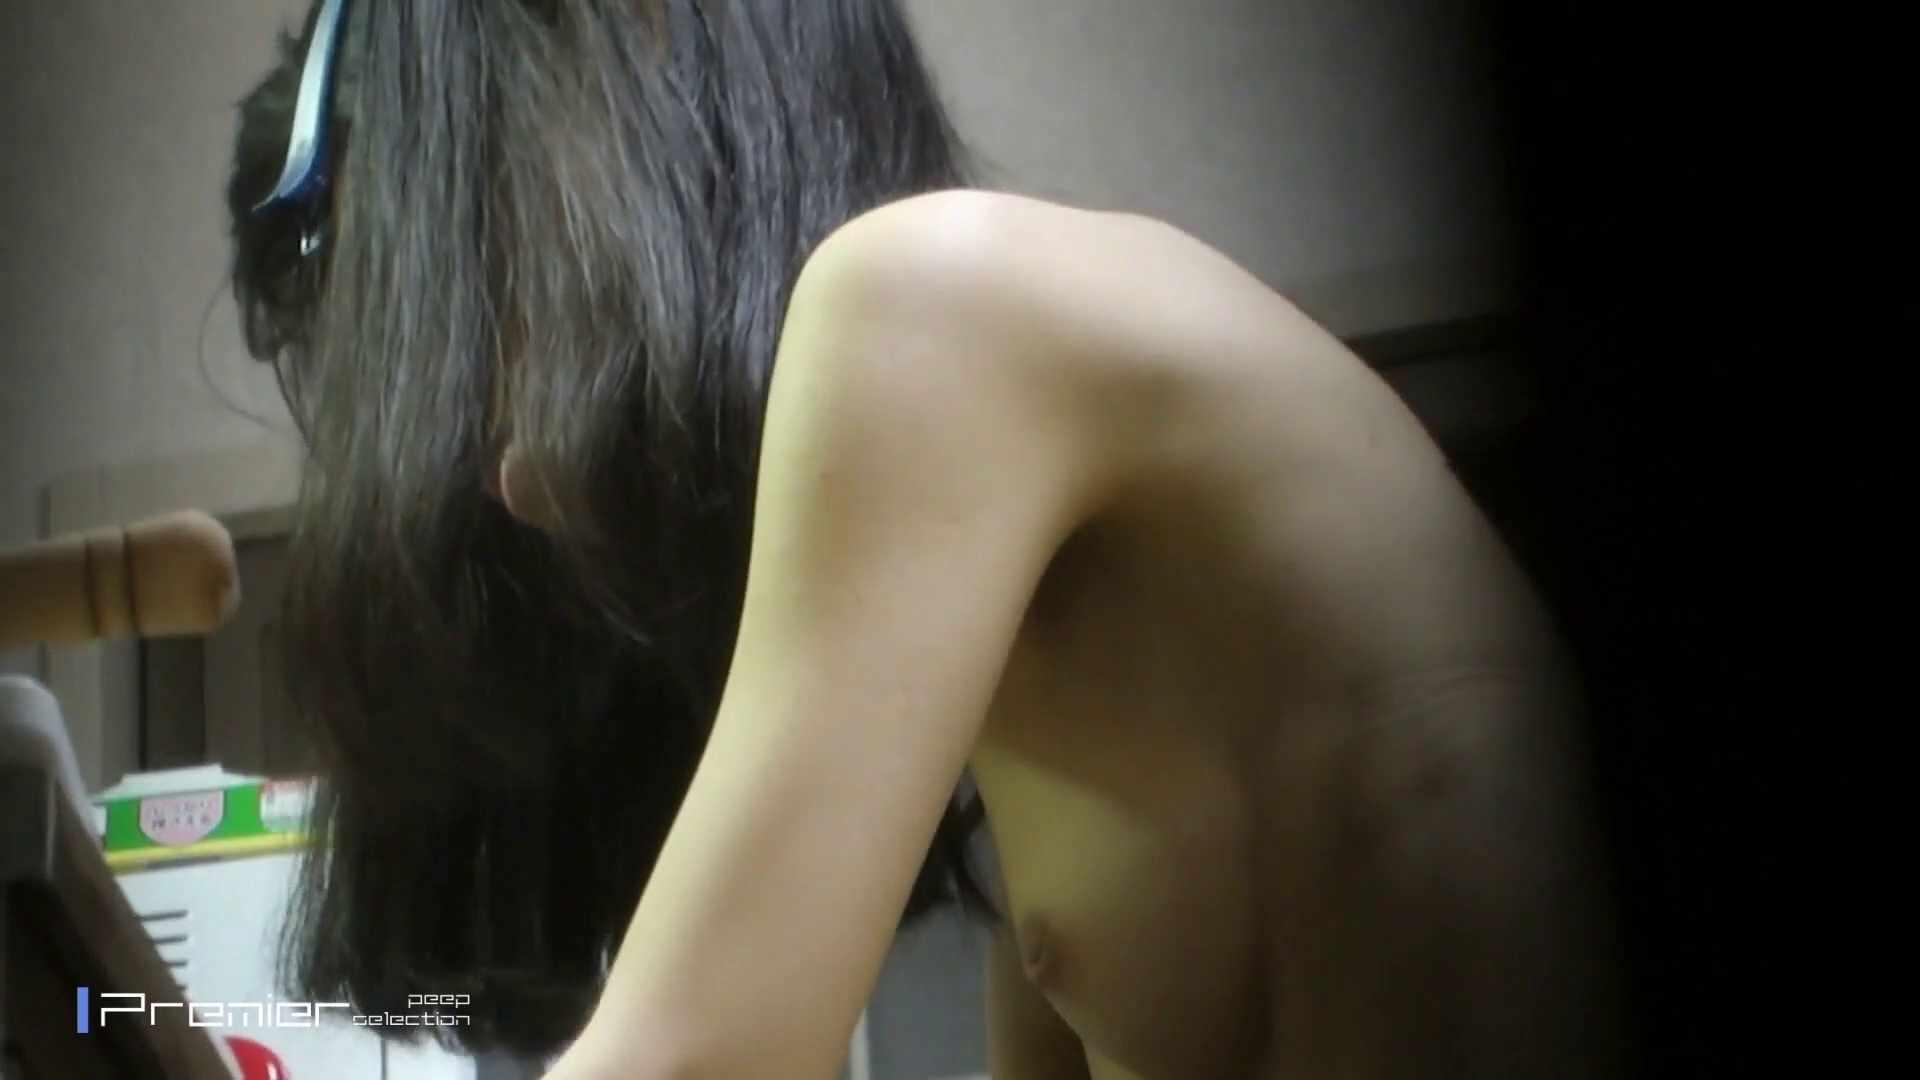 再生38分!マン毛剛毛超絶美女の私生活 美女達の私生活に潜入! 潜入エロ調査 | 高画質  78連発 59